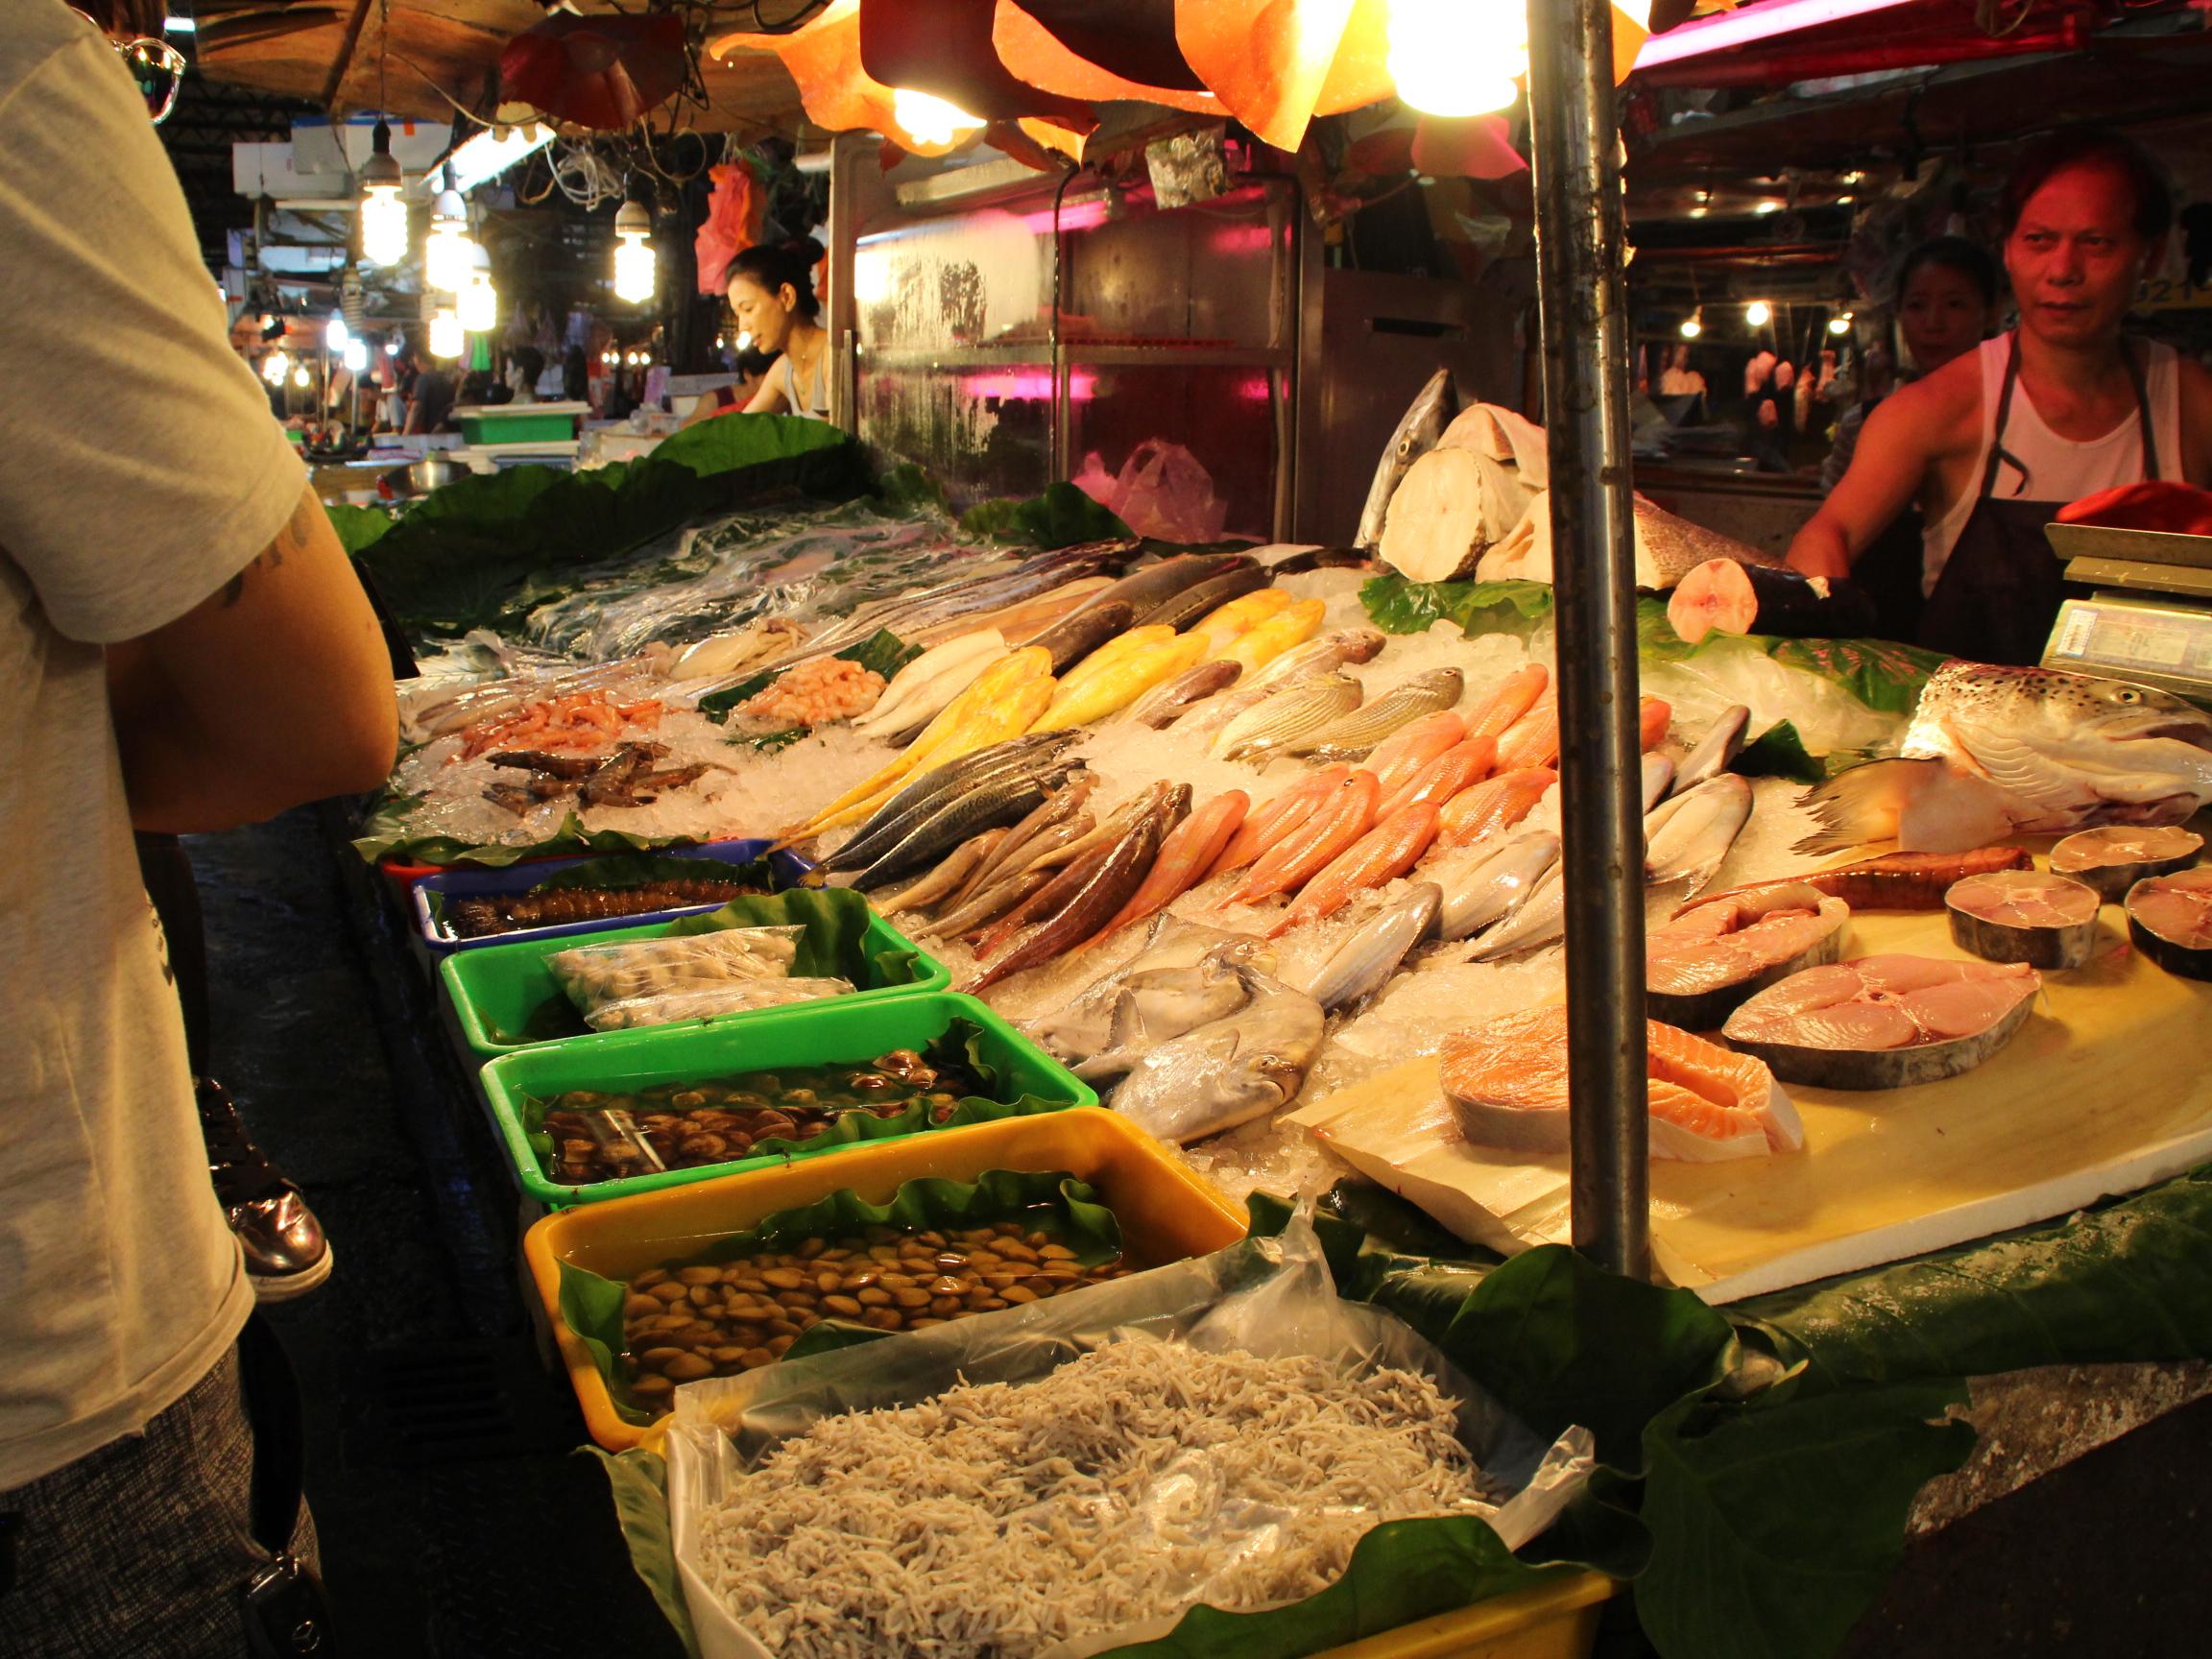 傳統市場食材新鮮,多當日採收及宰殺。 攝影/林冠宇